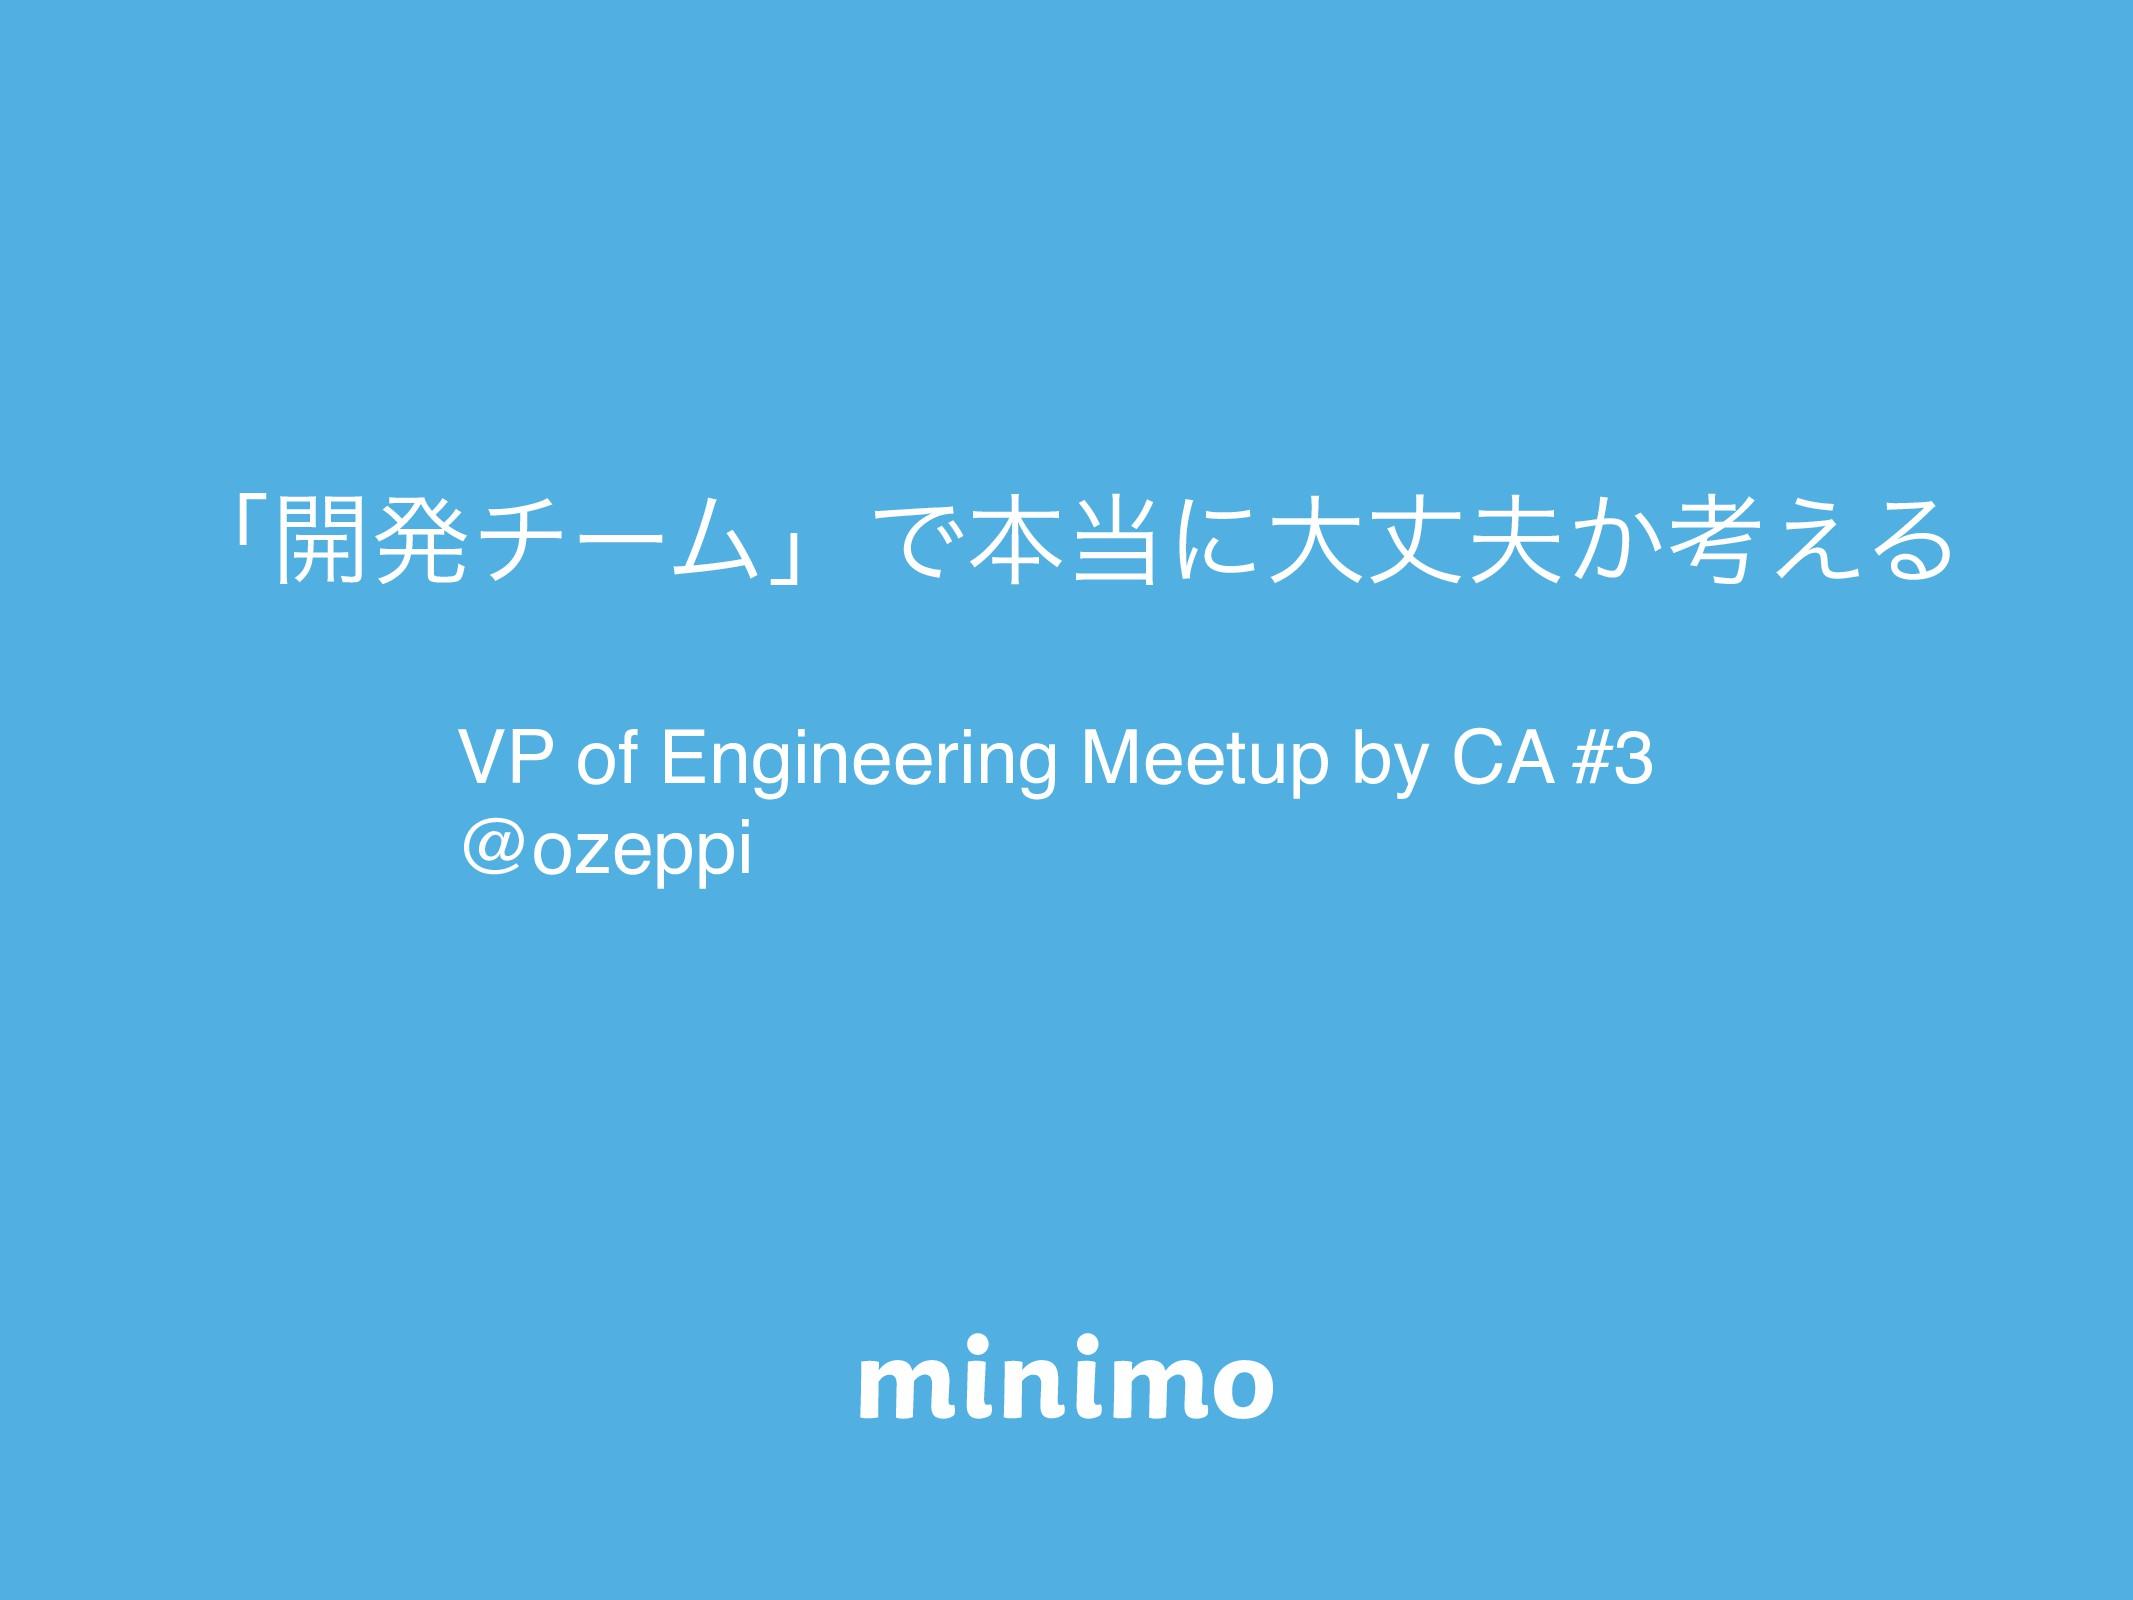 ʮ։ൃνʔϜʯͰຊʹେৎ͔ߟ͑Δ VP of Engineering Meetup by ...